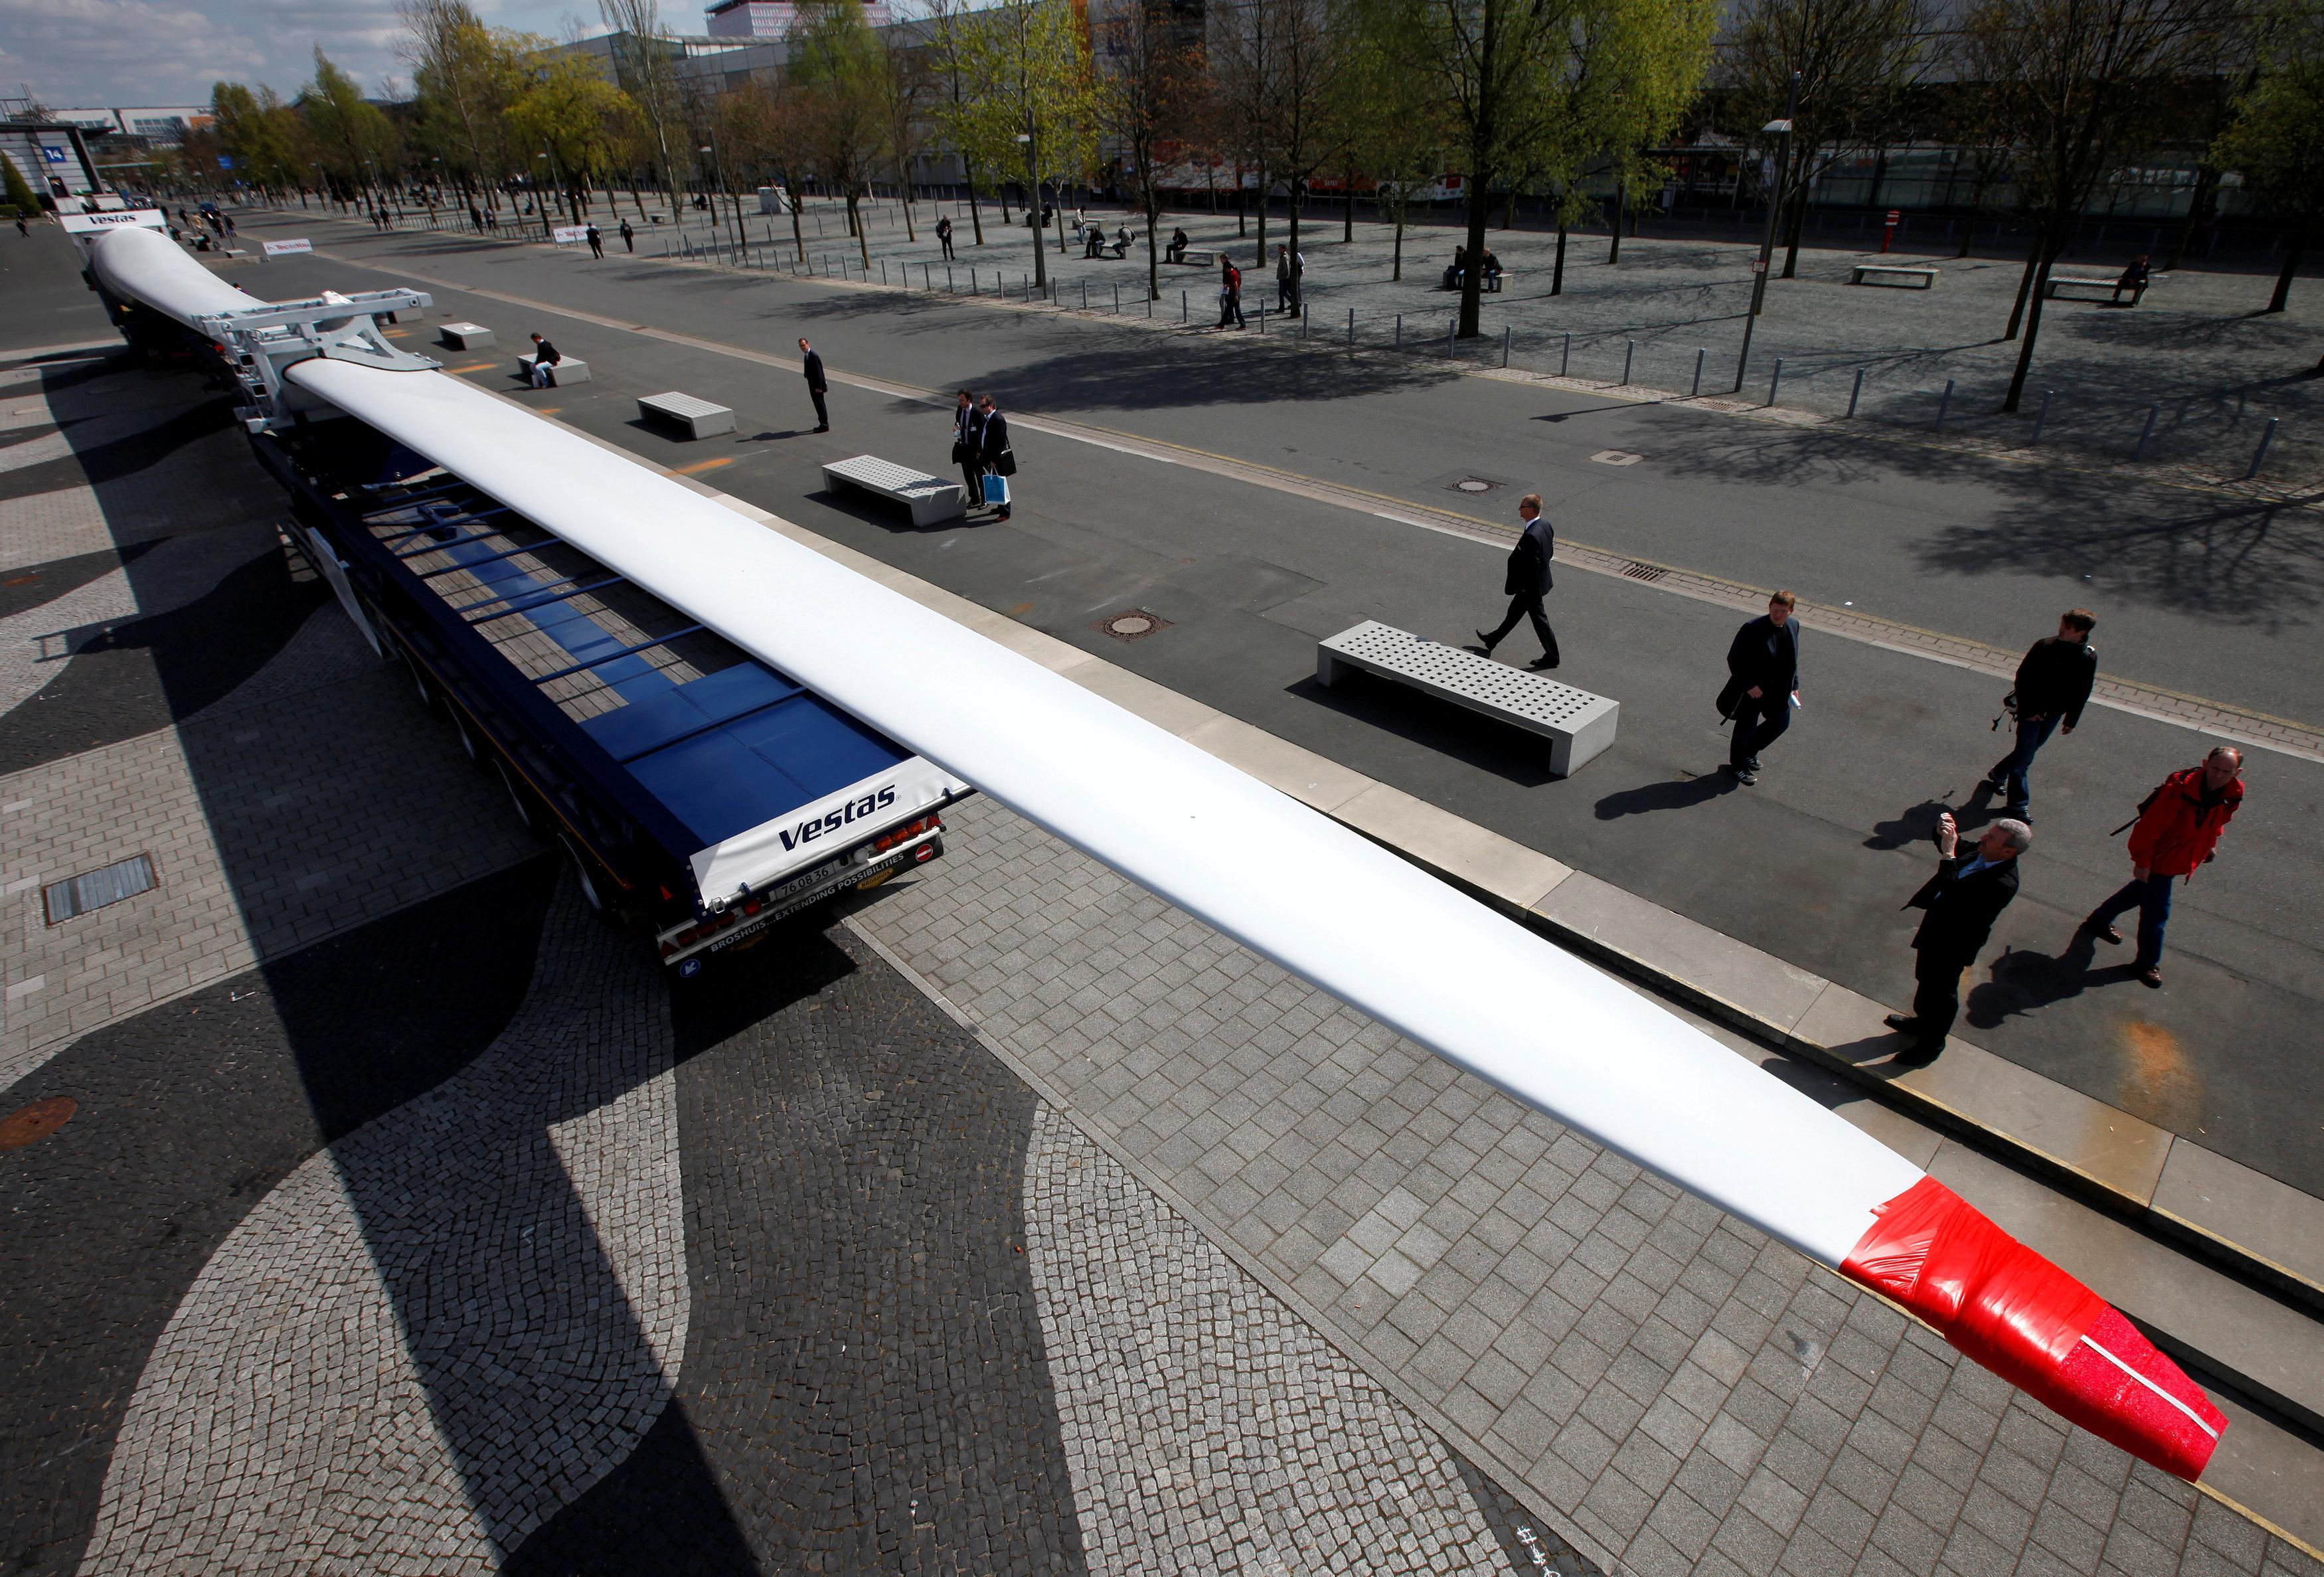 Wind turbine maker Vestas focuses on bulging order book after profit slide